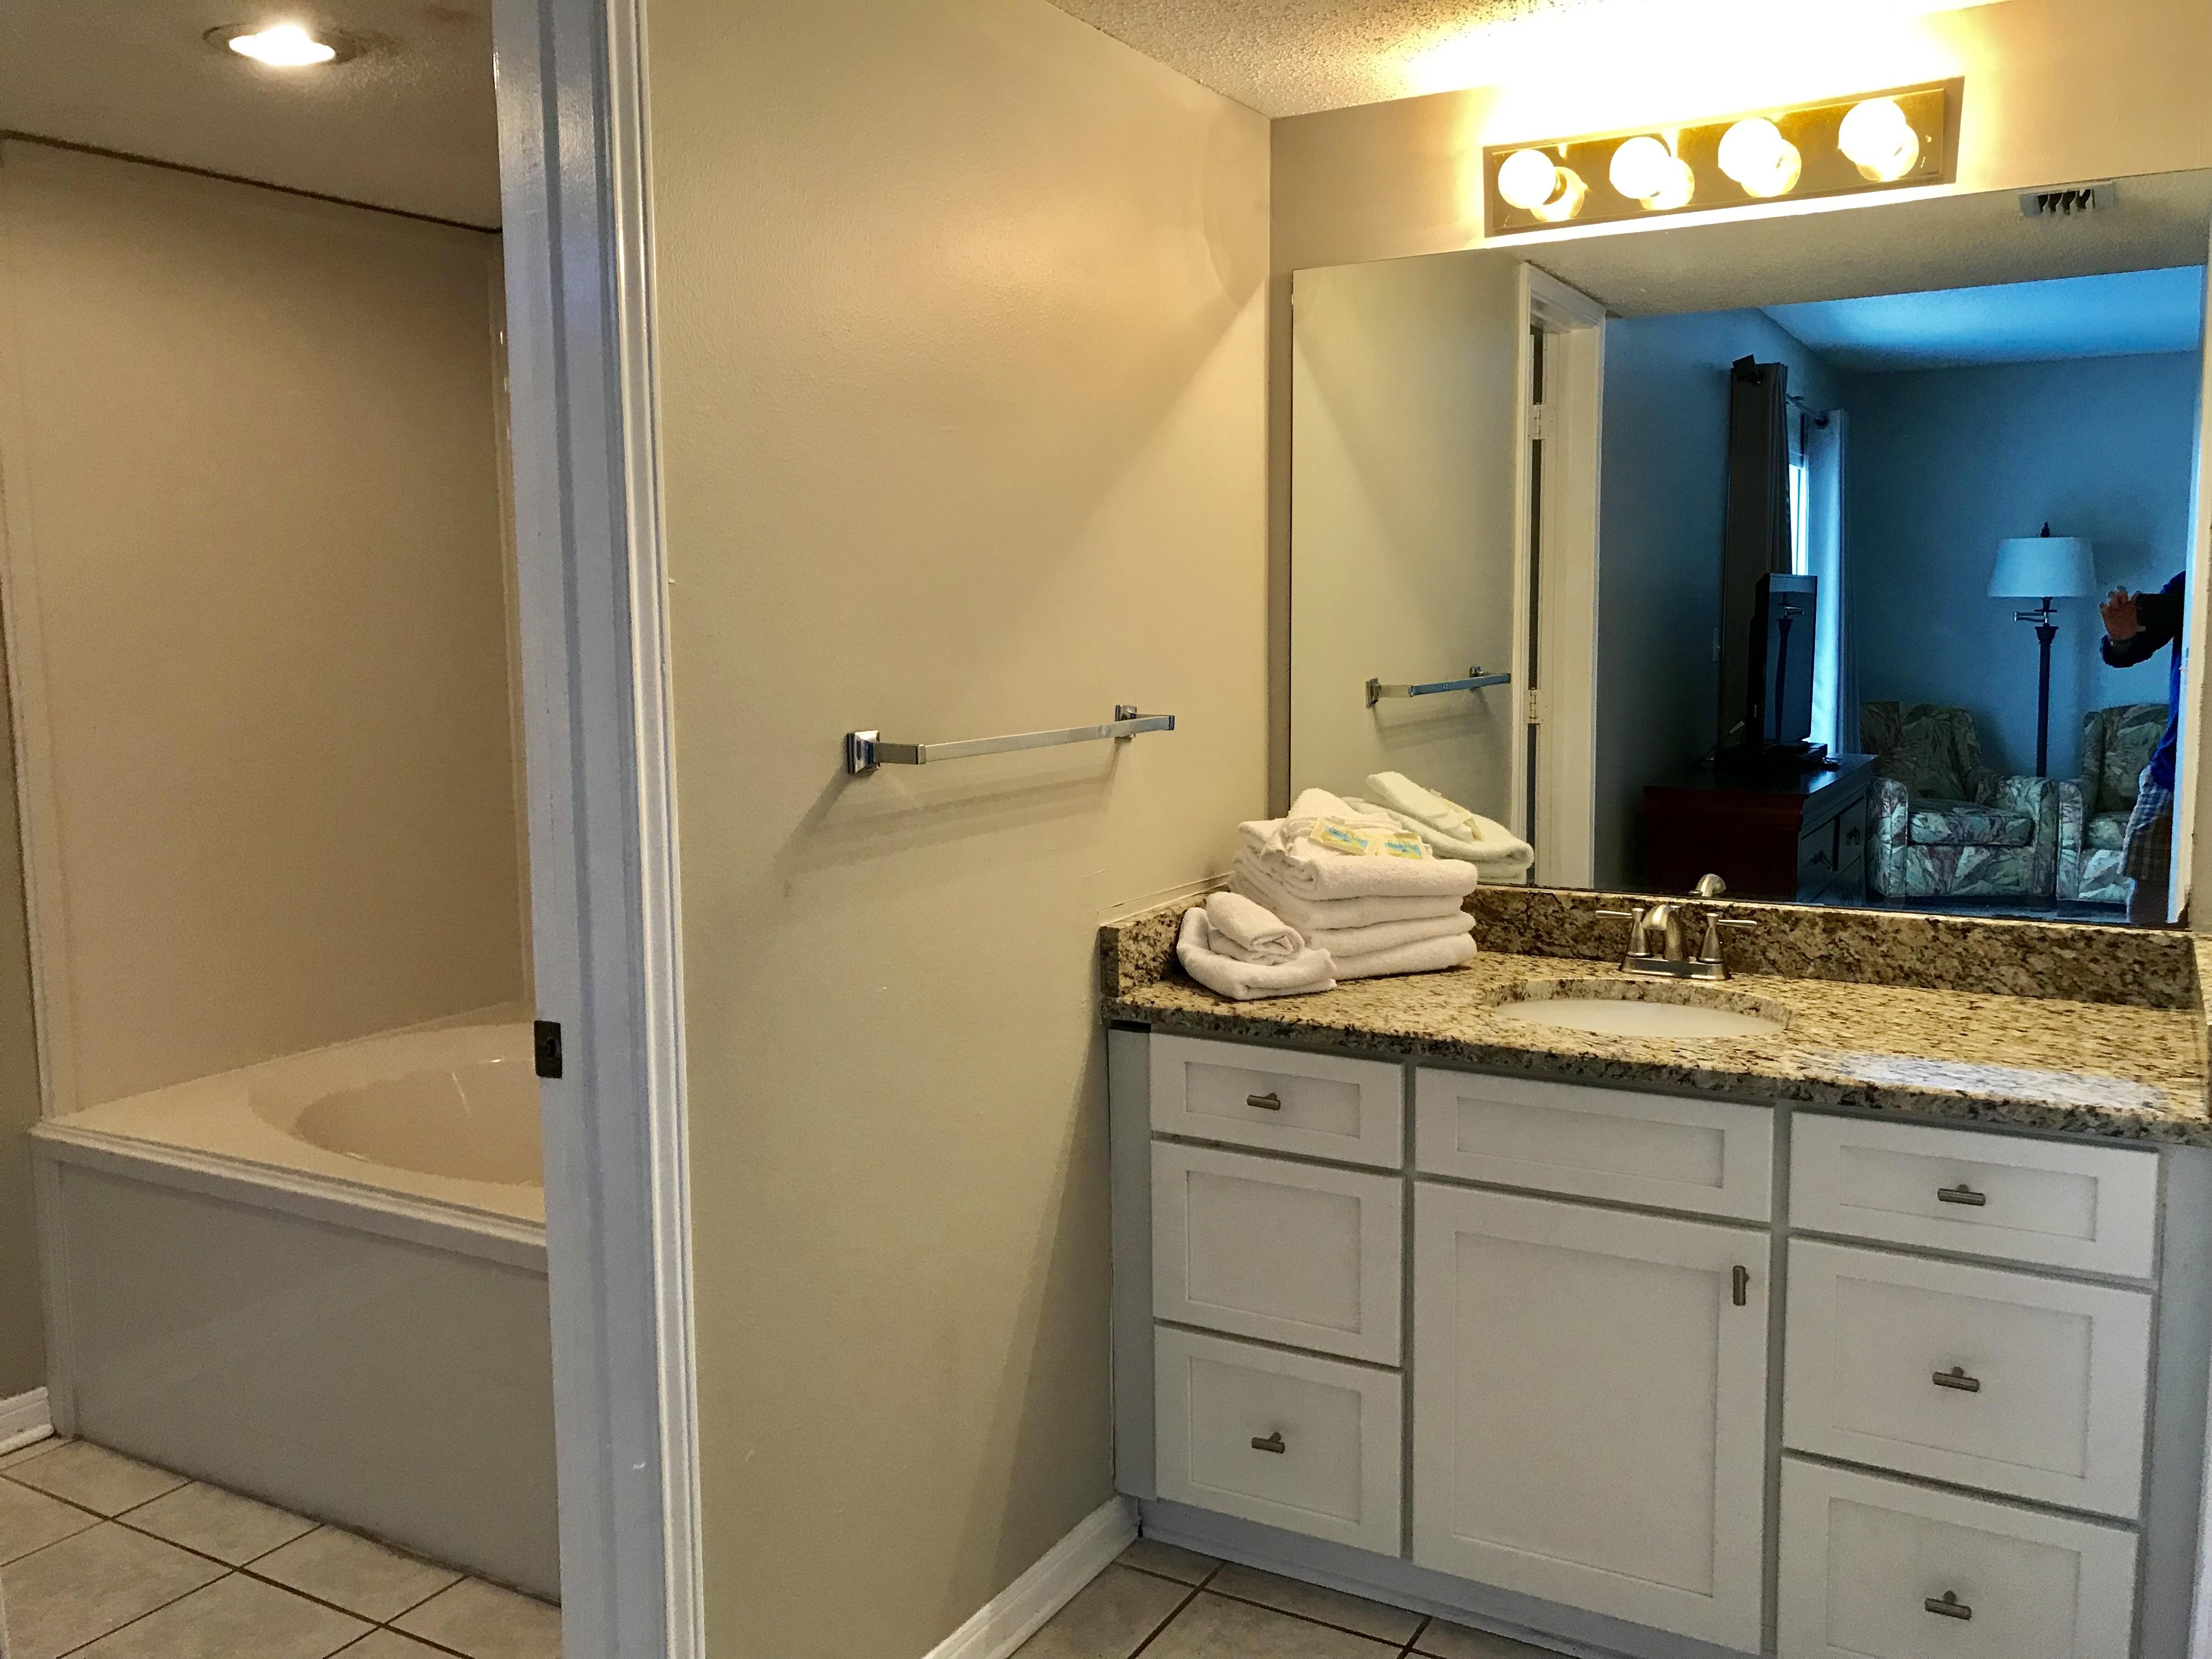 Ocean House 2206 Condo rental in Ocean House - Gulf Shores in Gulf Shores Alabama - #26